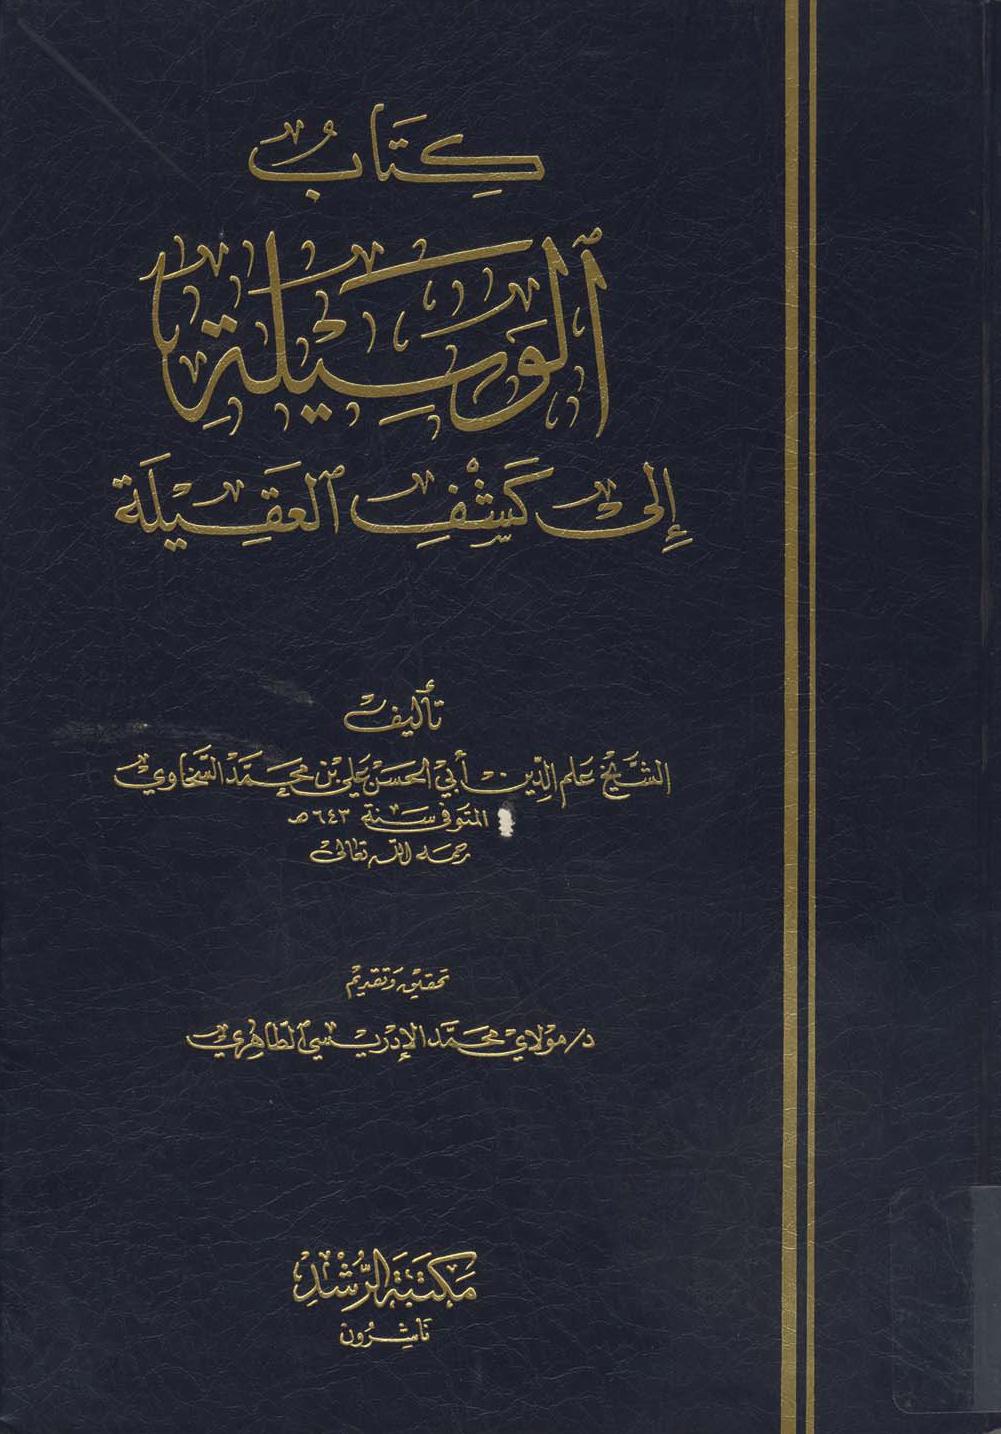 تحميل كتاب الوسيلة إلى كشف العقيلة لـِ: الإمام أبو الحسن علم الدين علي بن محمد بن عبد الصمد السخاوي (ت 643)